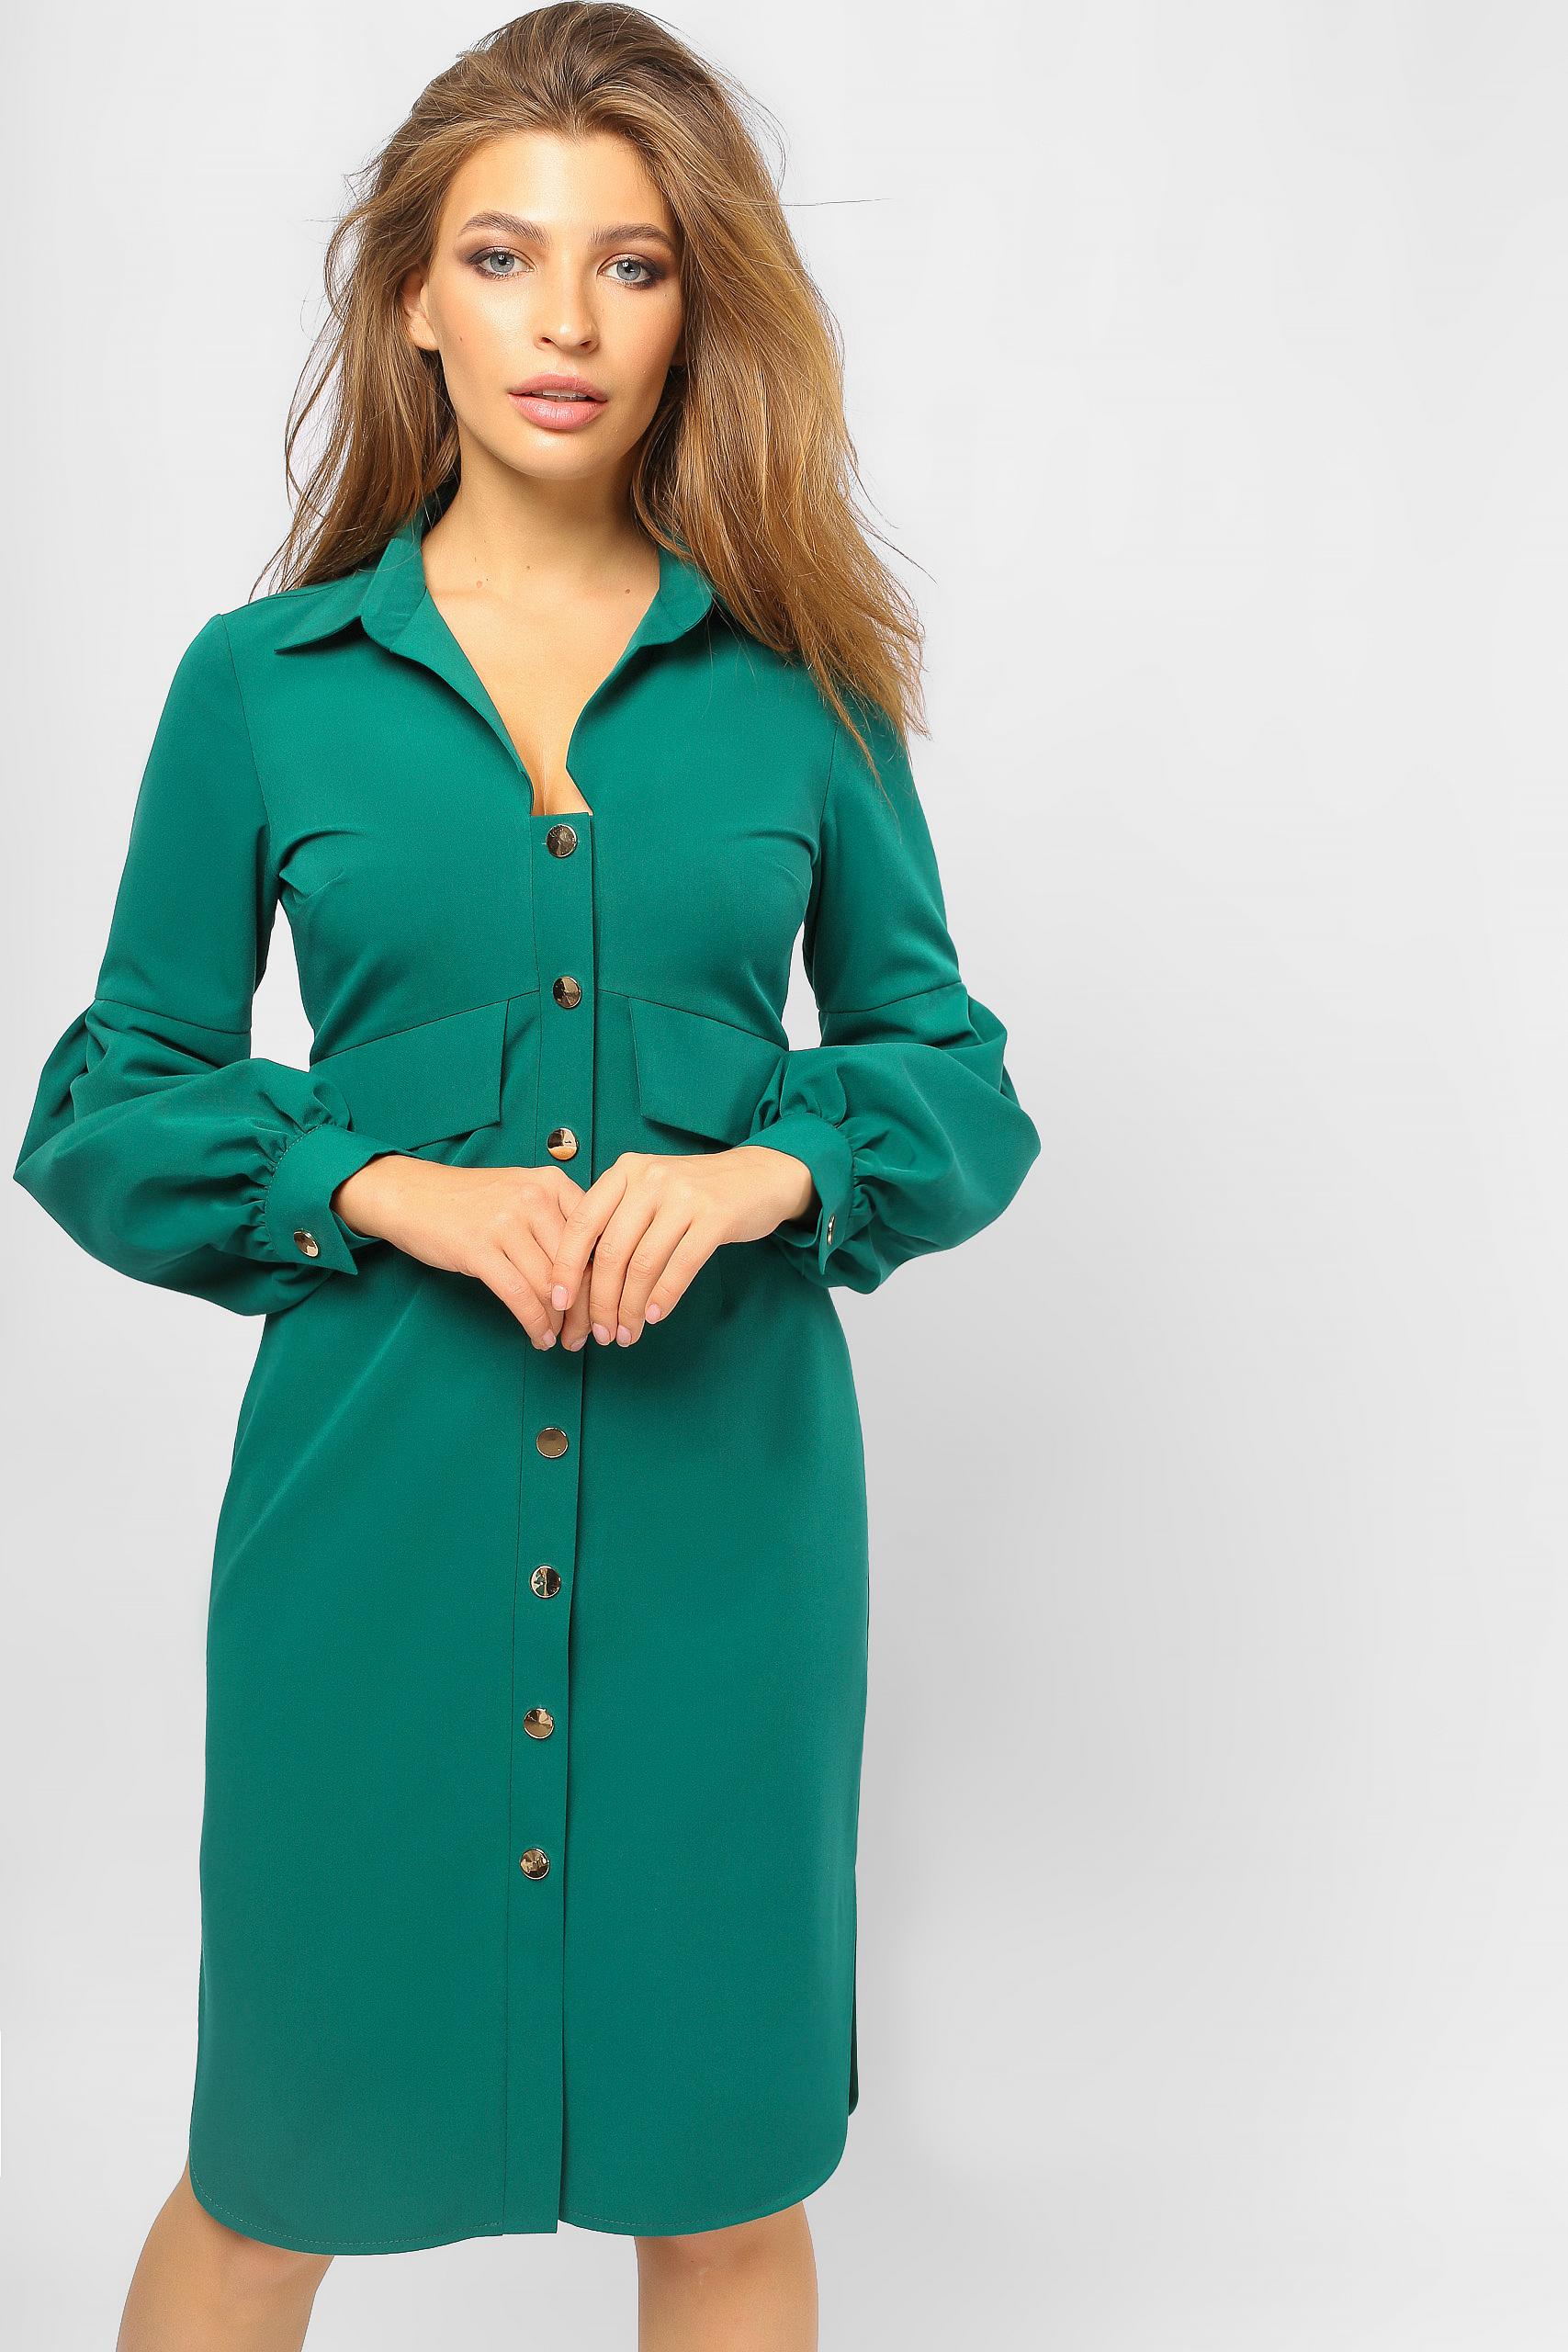 Сукня-сорочка з 'ліхтариками' Зелена Lipar